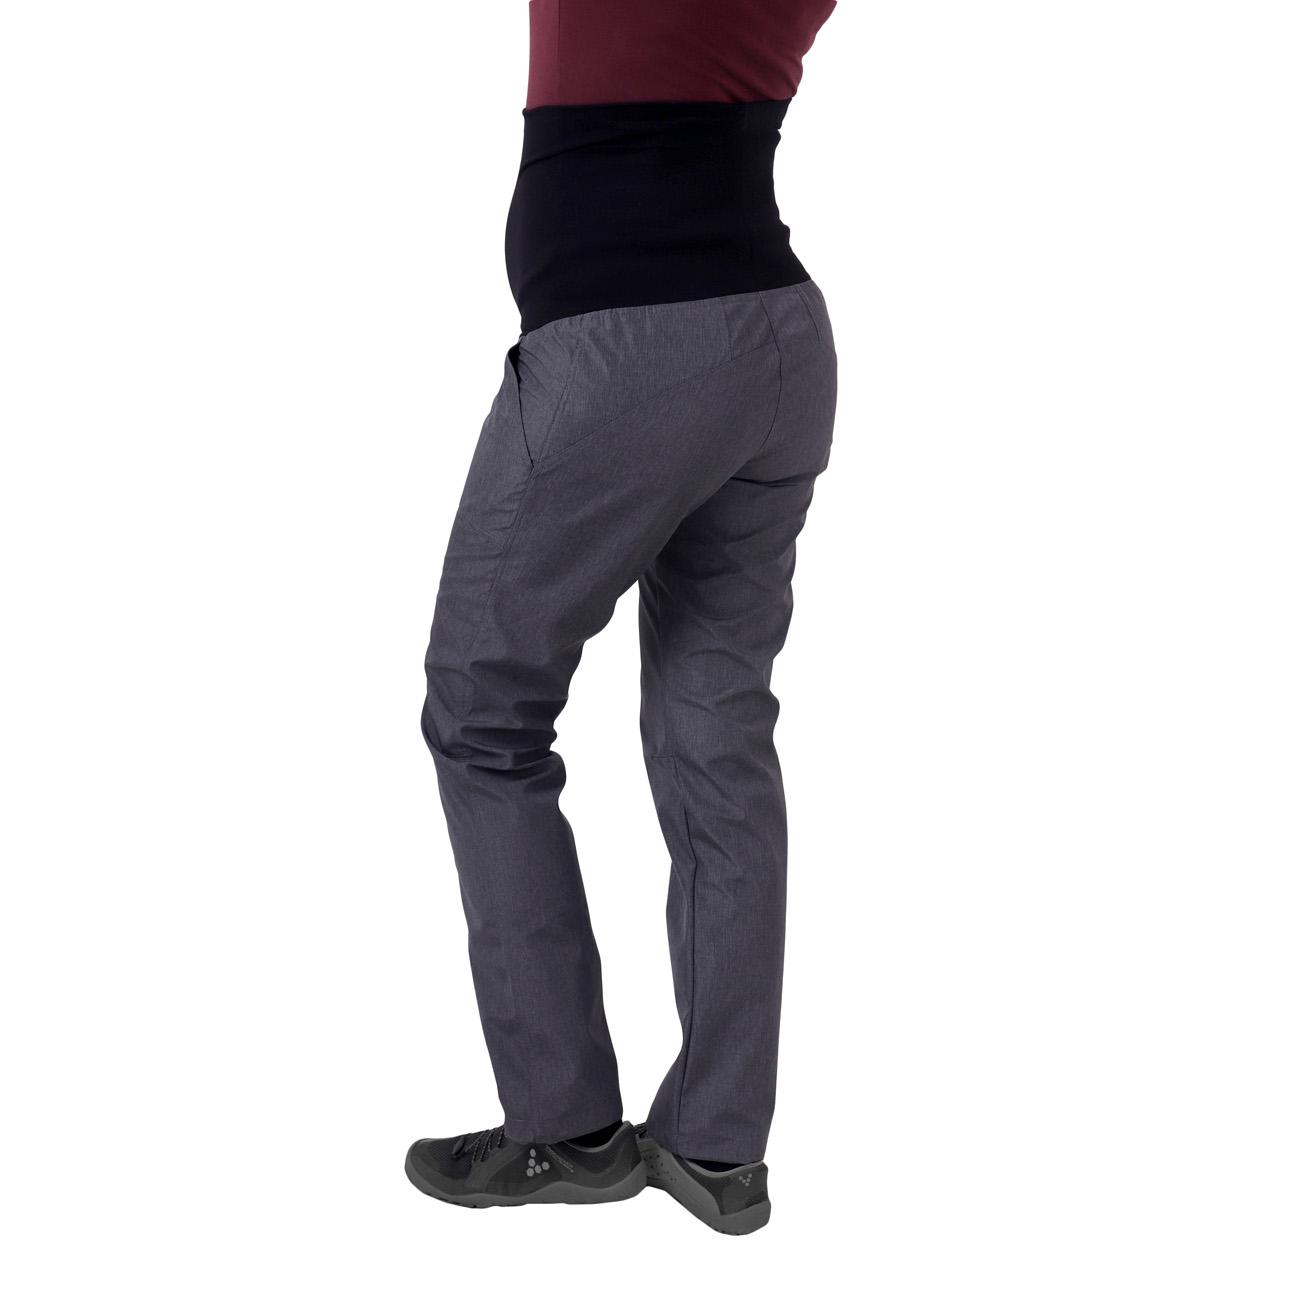 Jarní/letní těhotenské softshellové kalhoty liva, šedý melír, 44 zkrácená délka